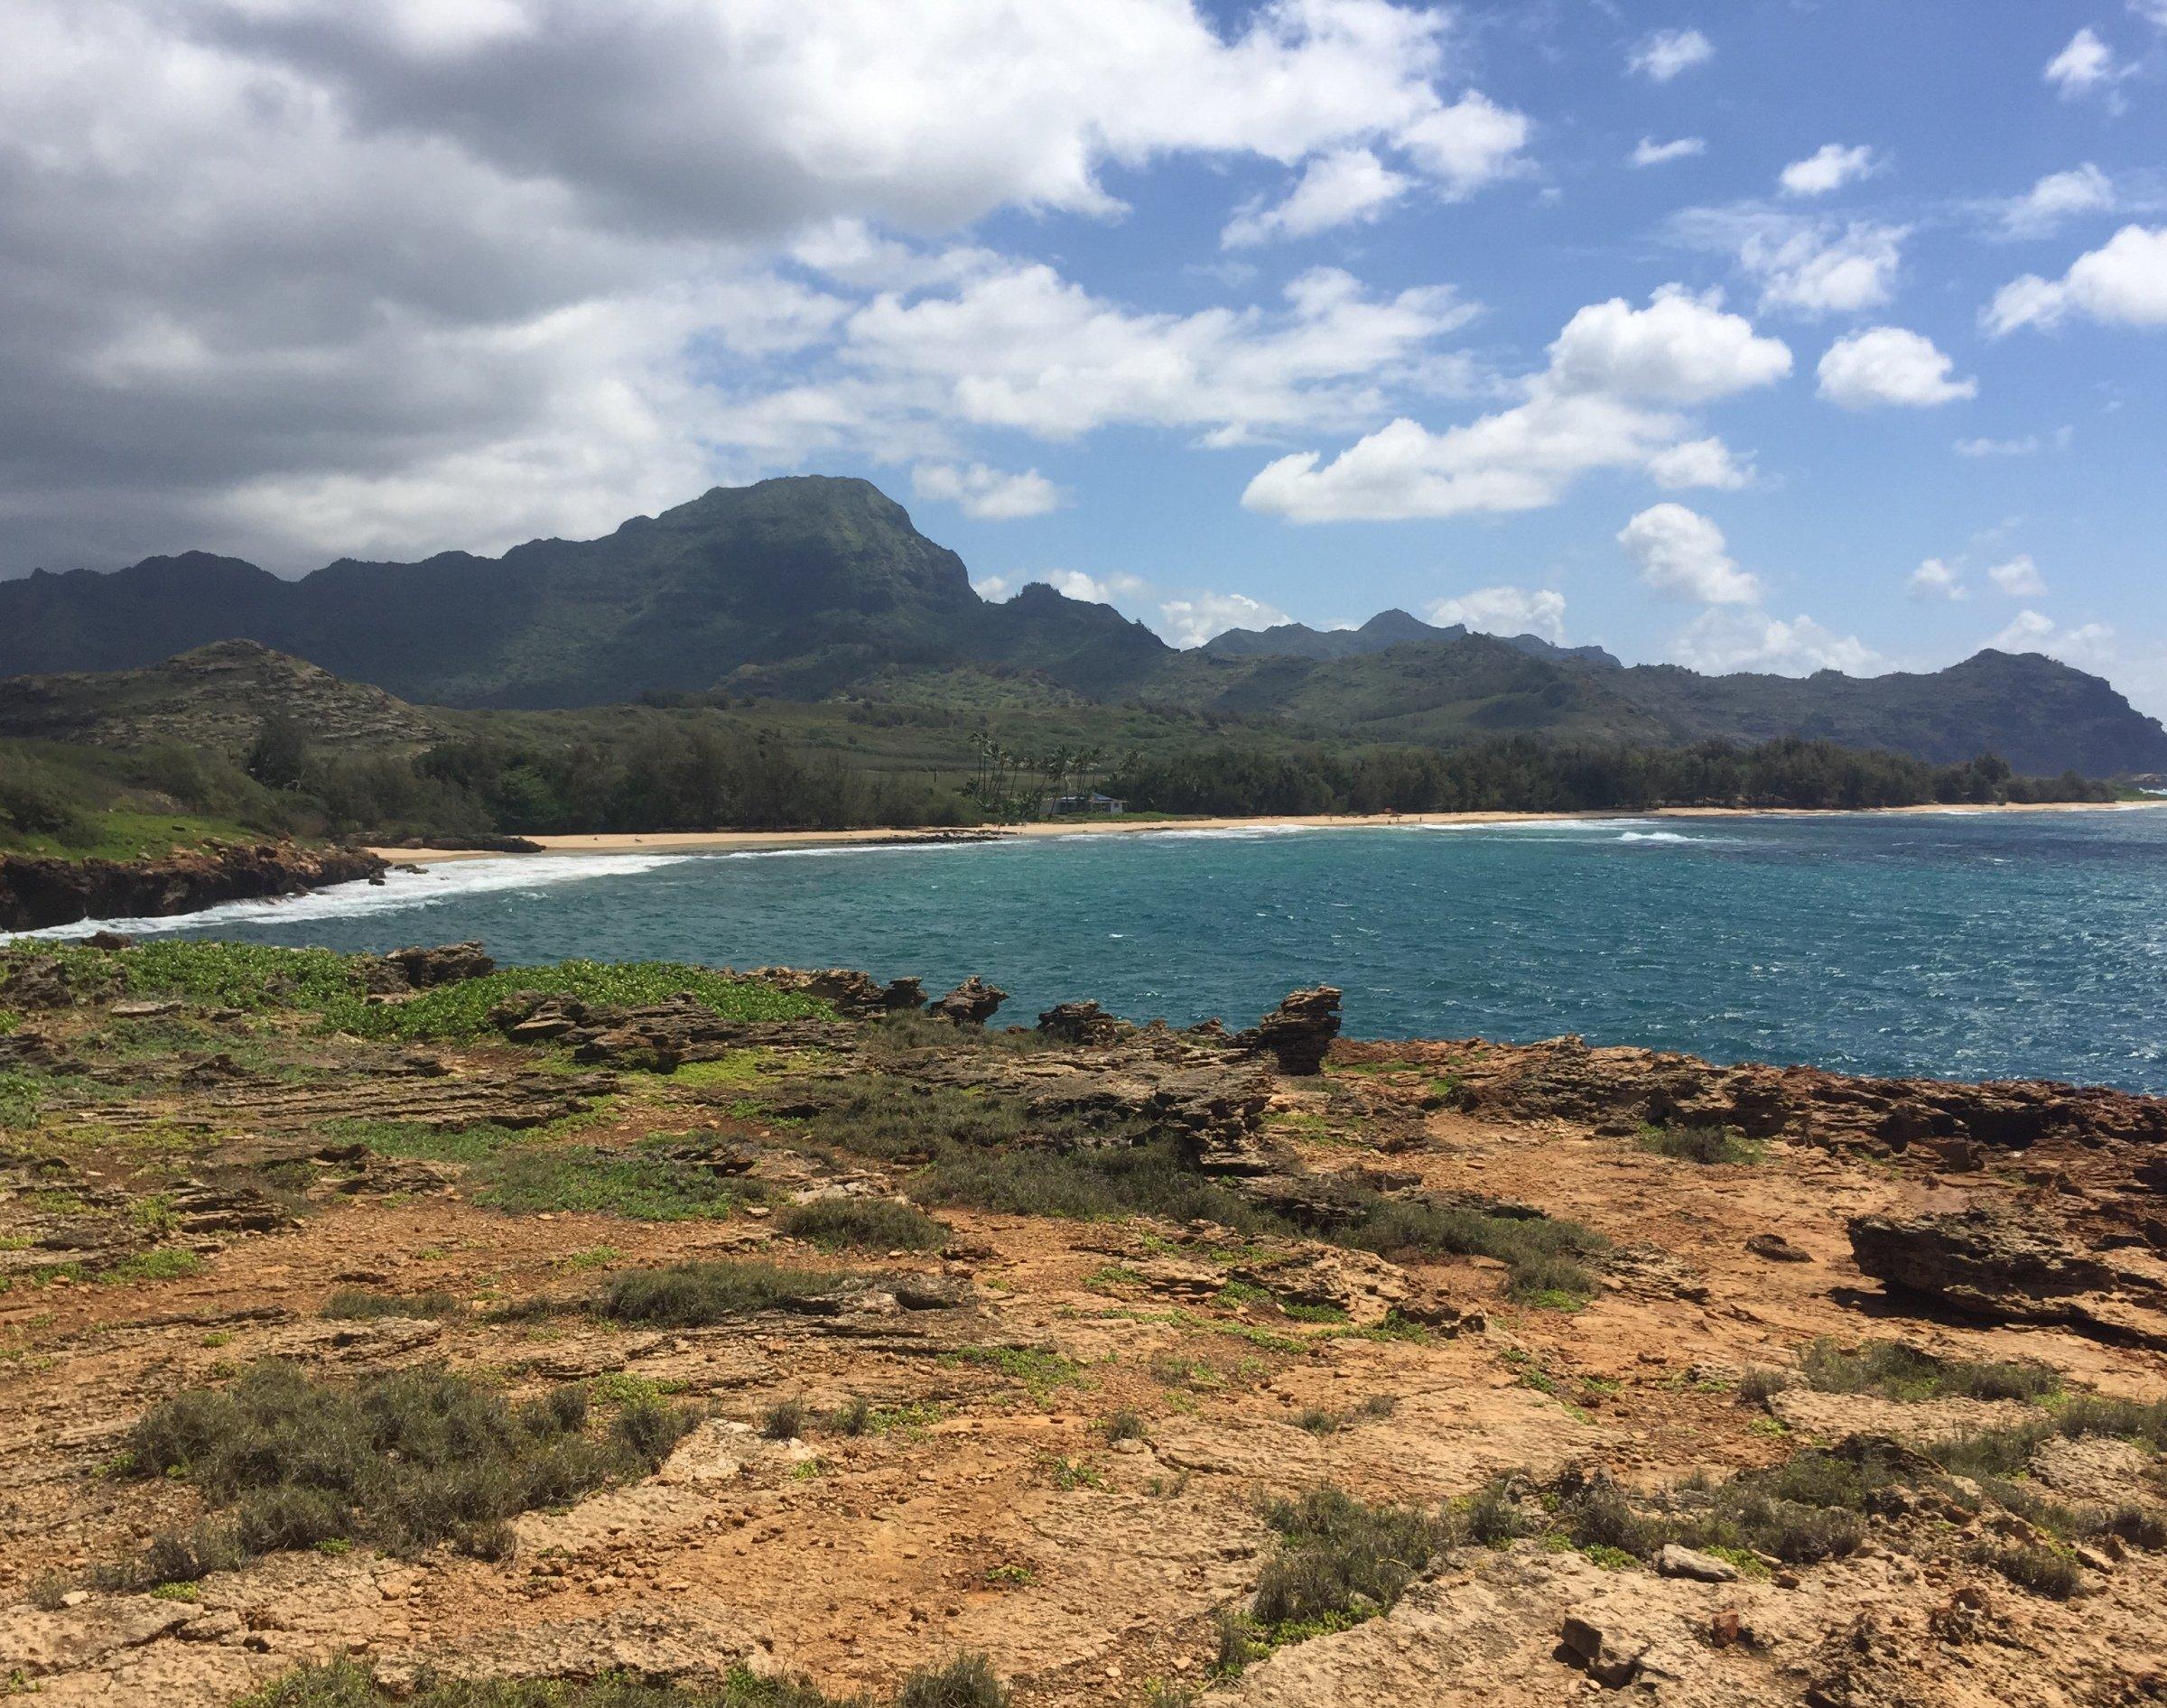 Shipwreck Beach, Kauai Hawaii